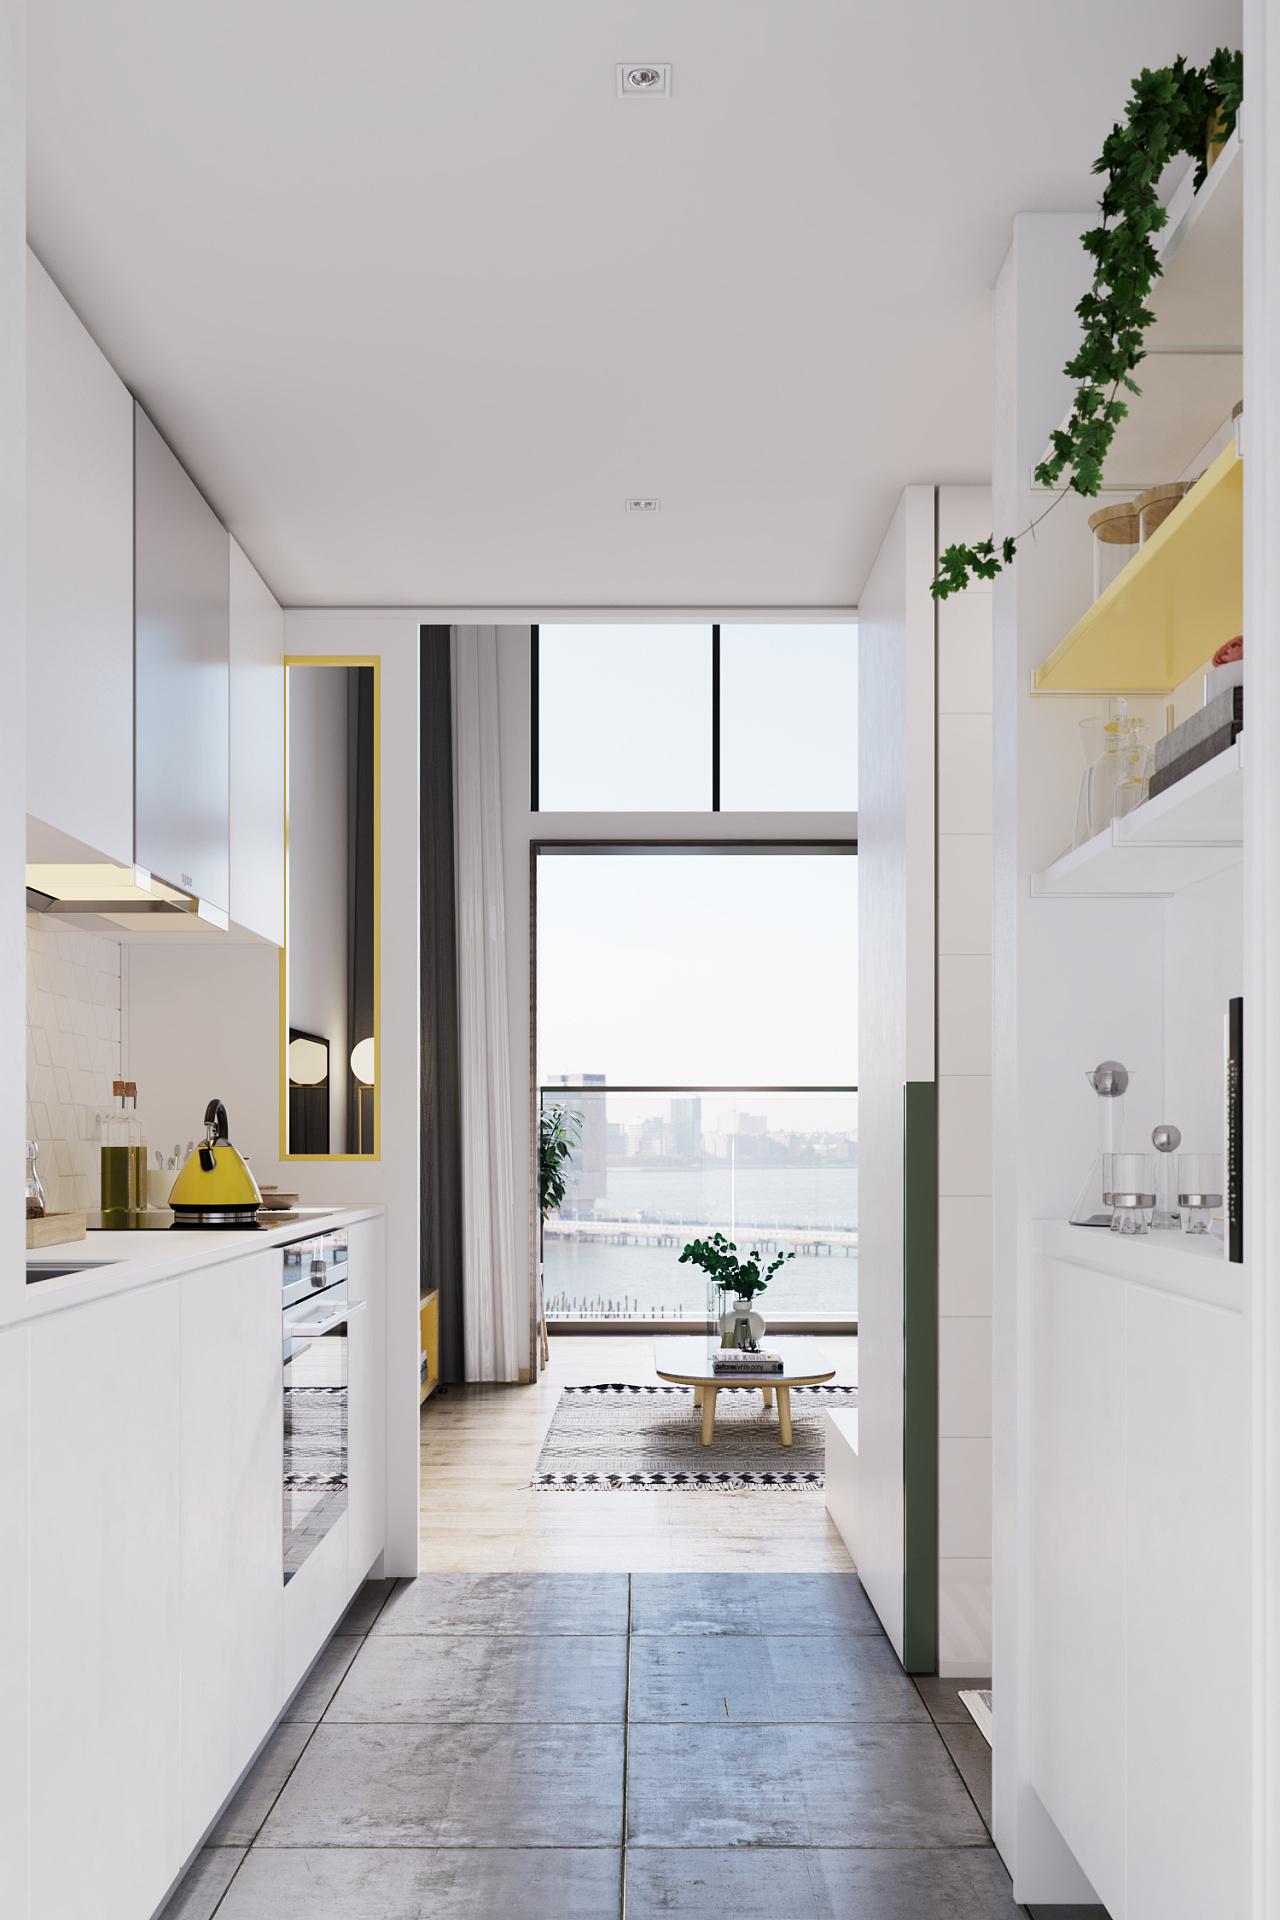 40平小loft公寓装修案例:柠檬黄从来没有如此可爱